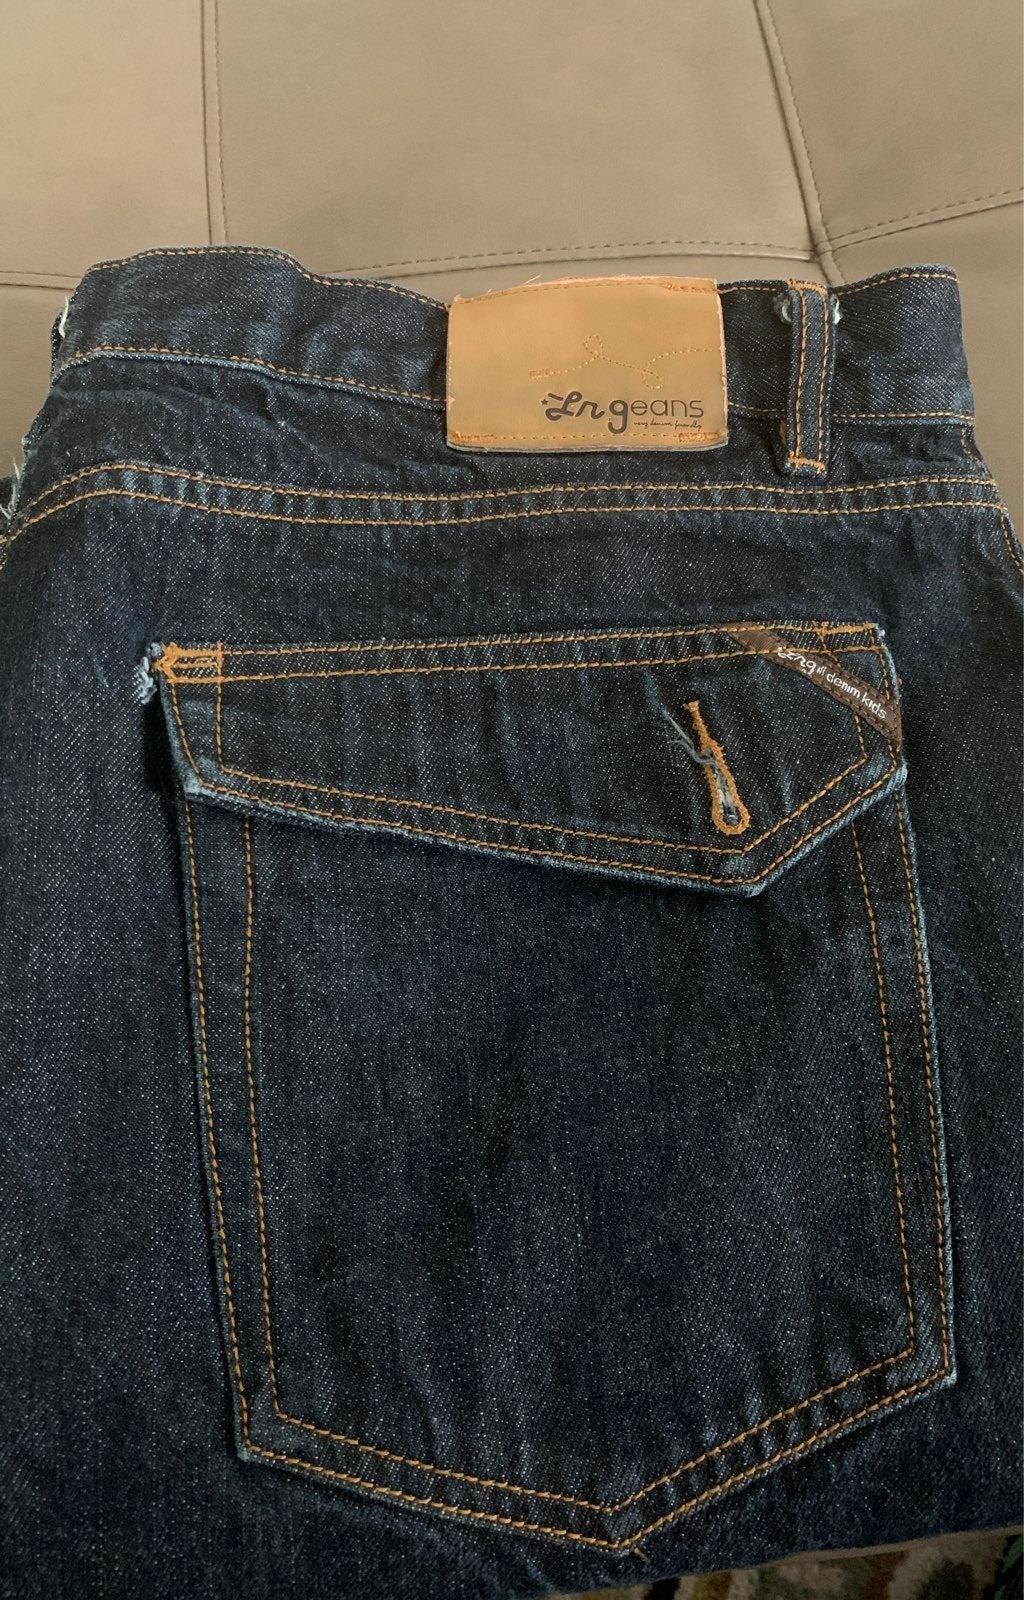 LRG jeans for men